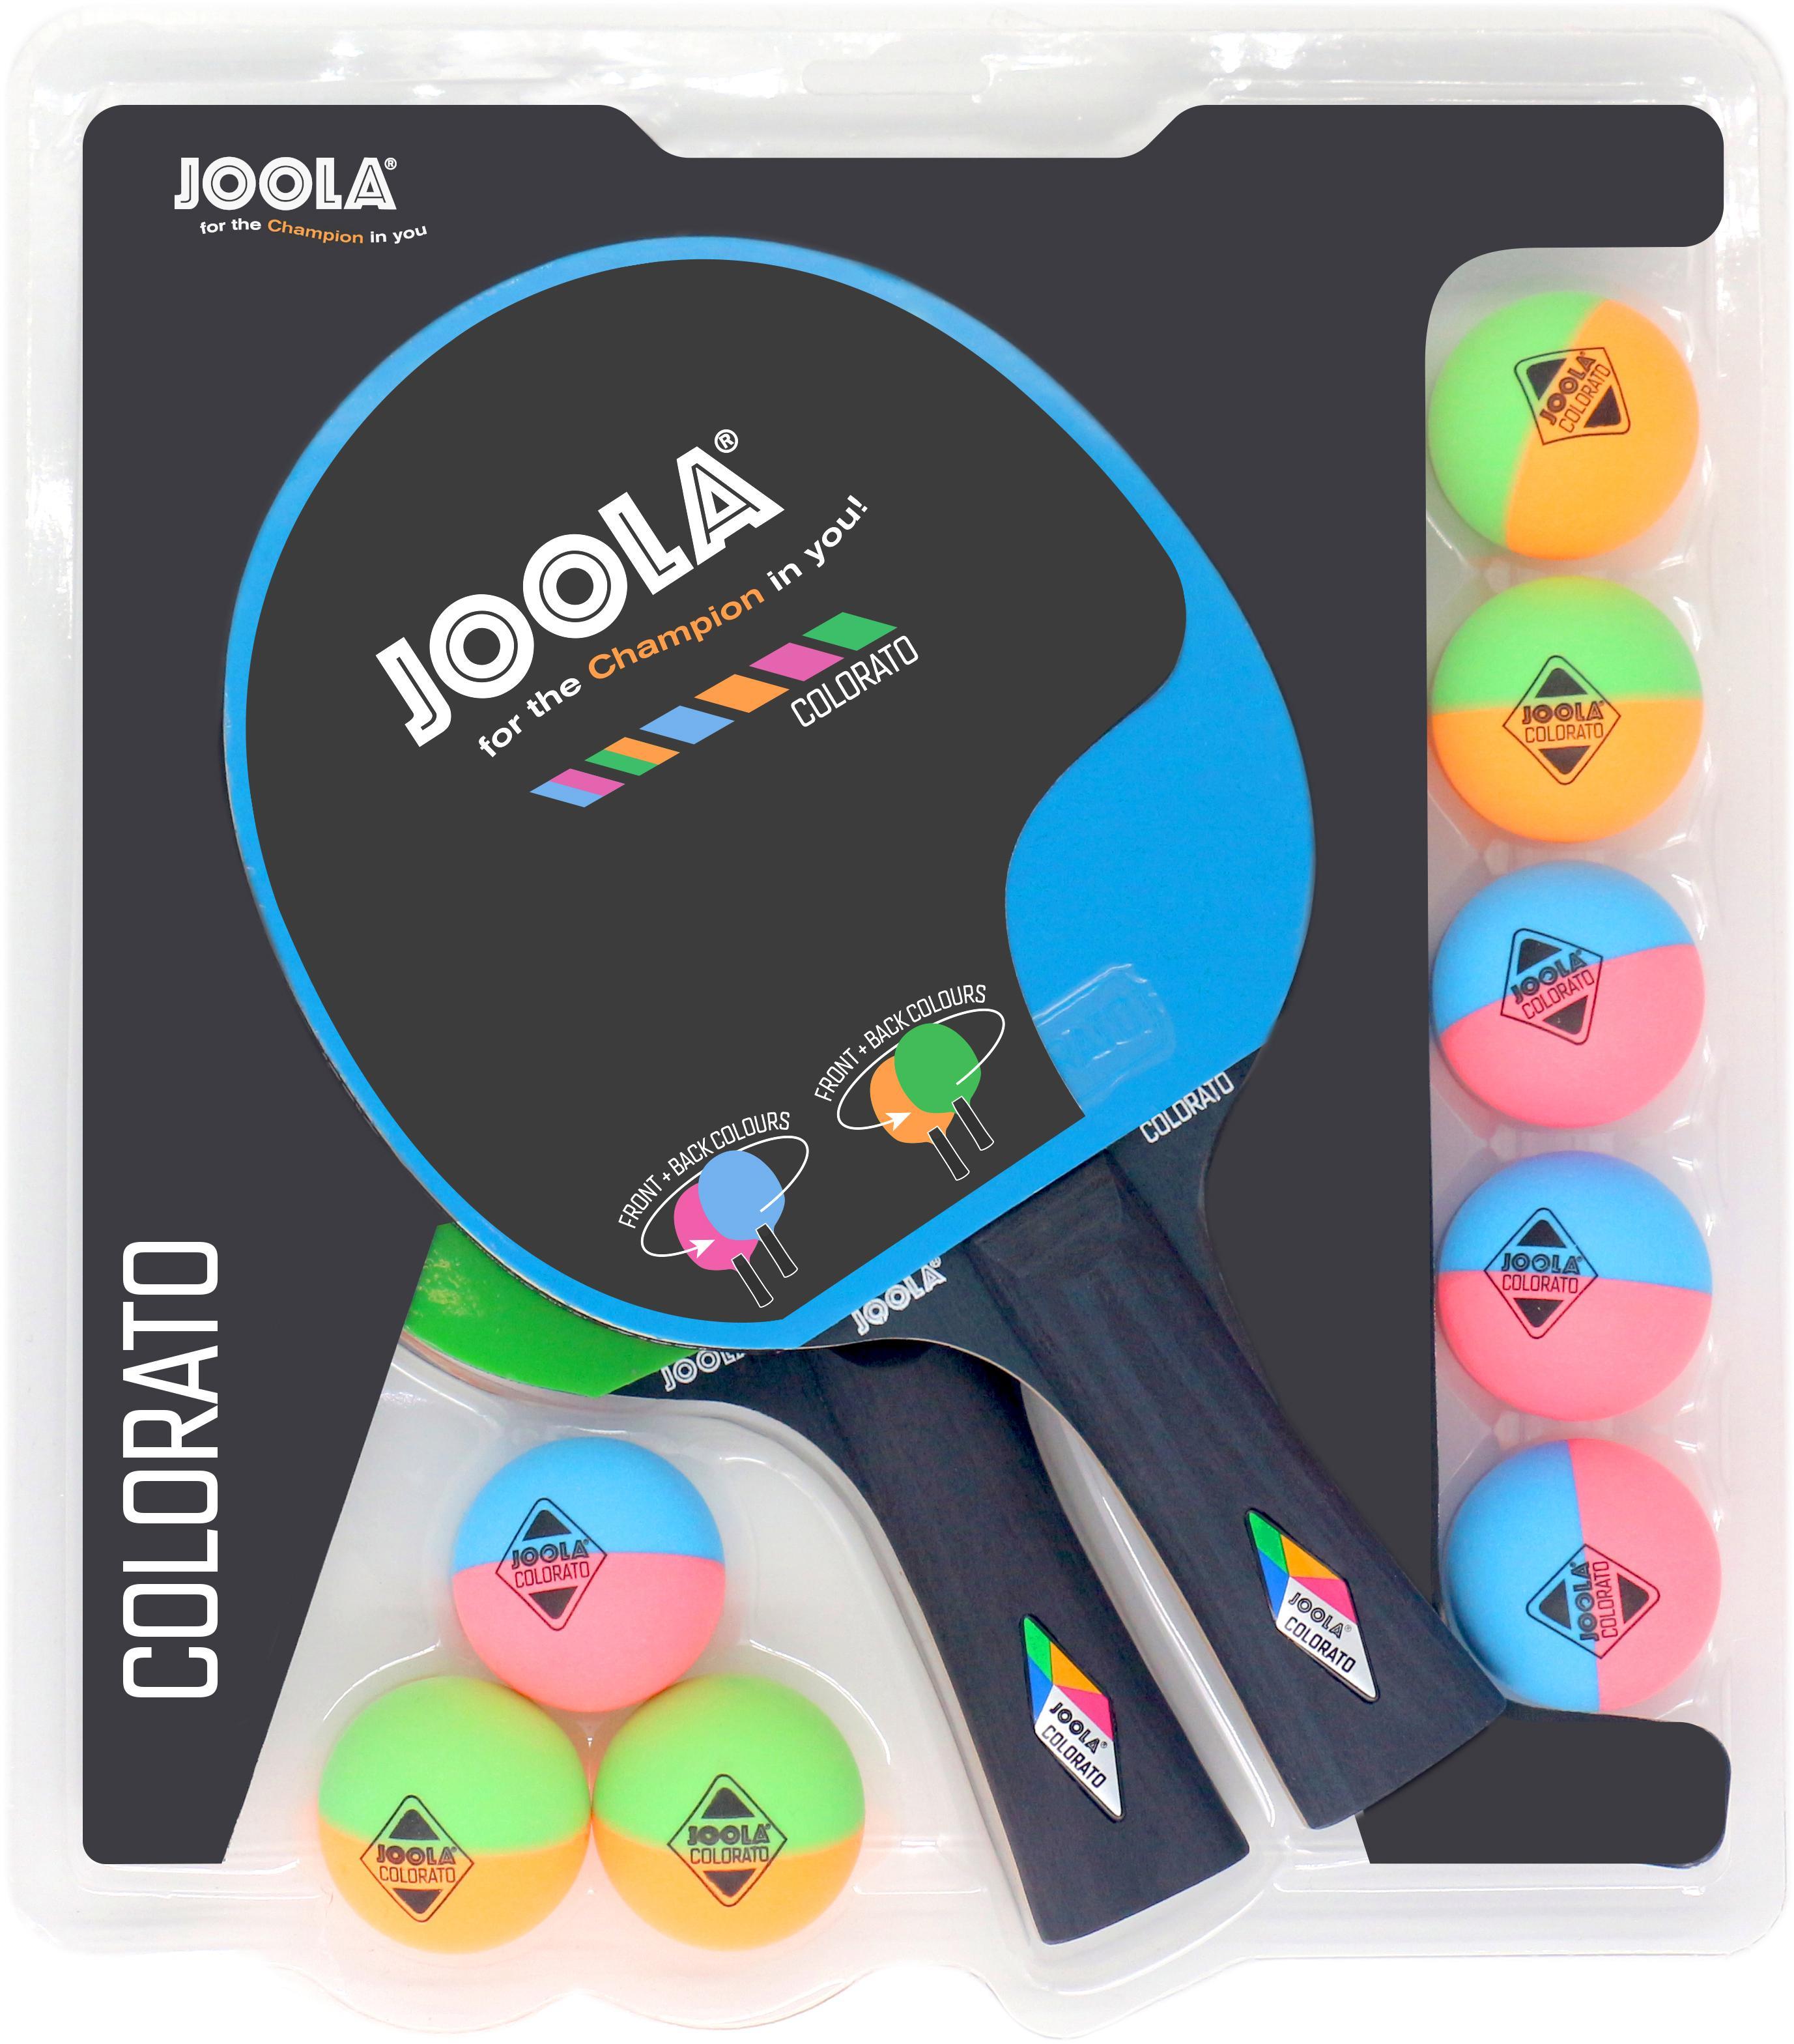 Joola Tischtennisschläger Tischtennisschlägerset-Colorato (Set 10-tlg) Technik & Freizeit/Sport & Freizeit/Sportarten/Tischtennis/Tischtennis-Ausrüstung